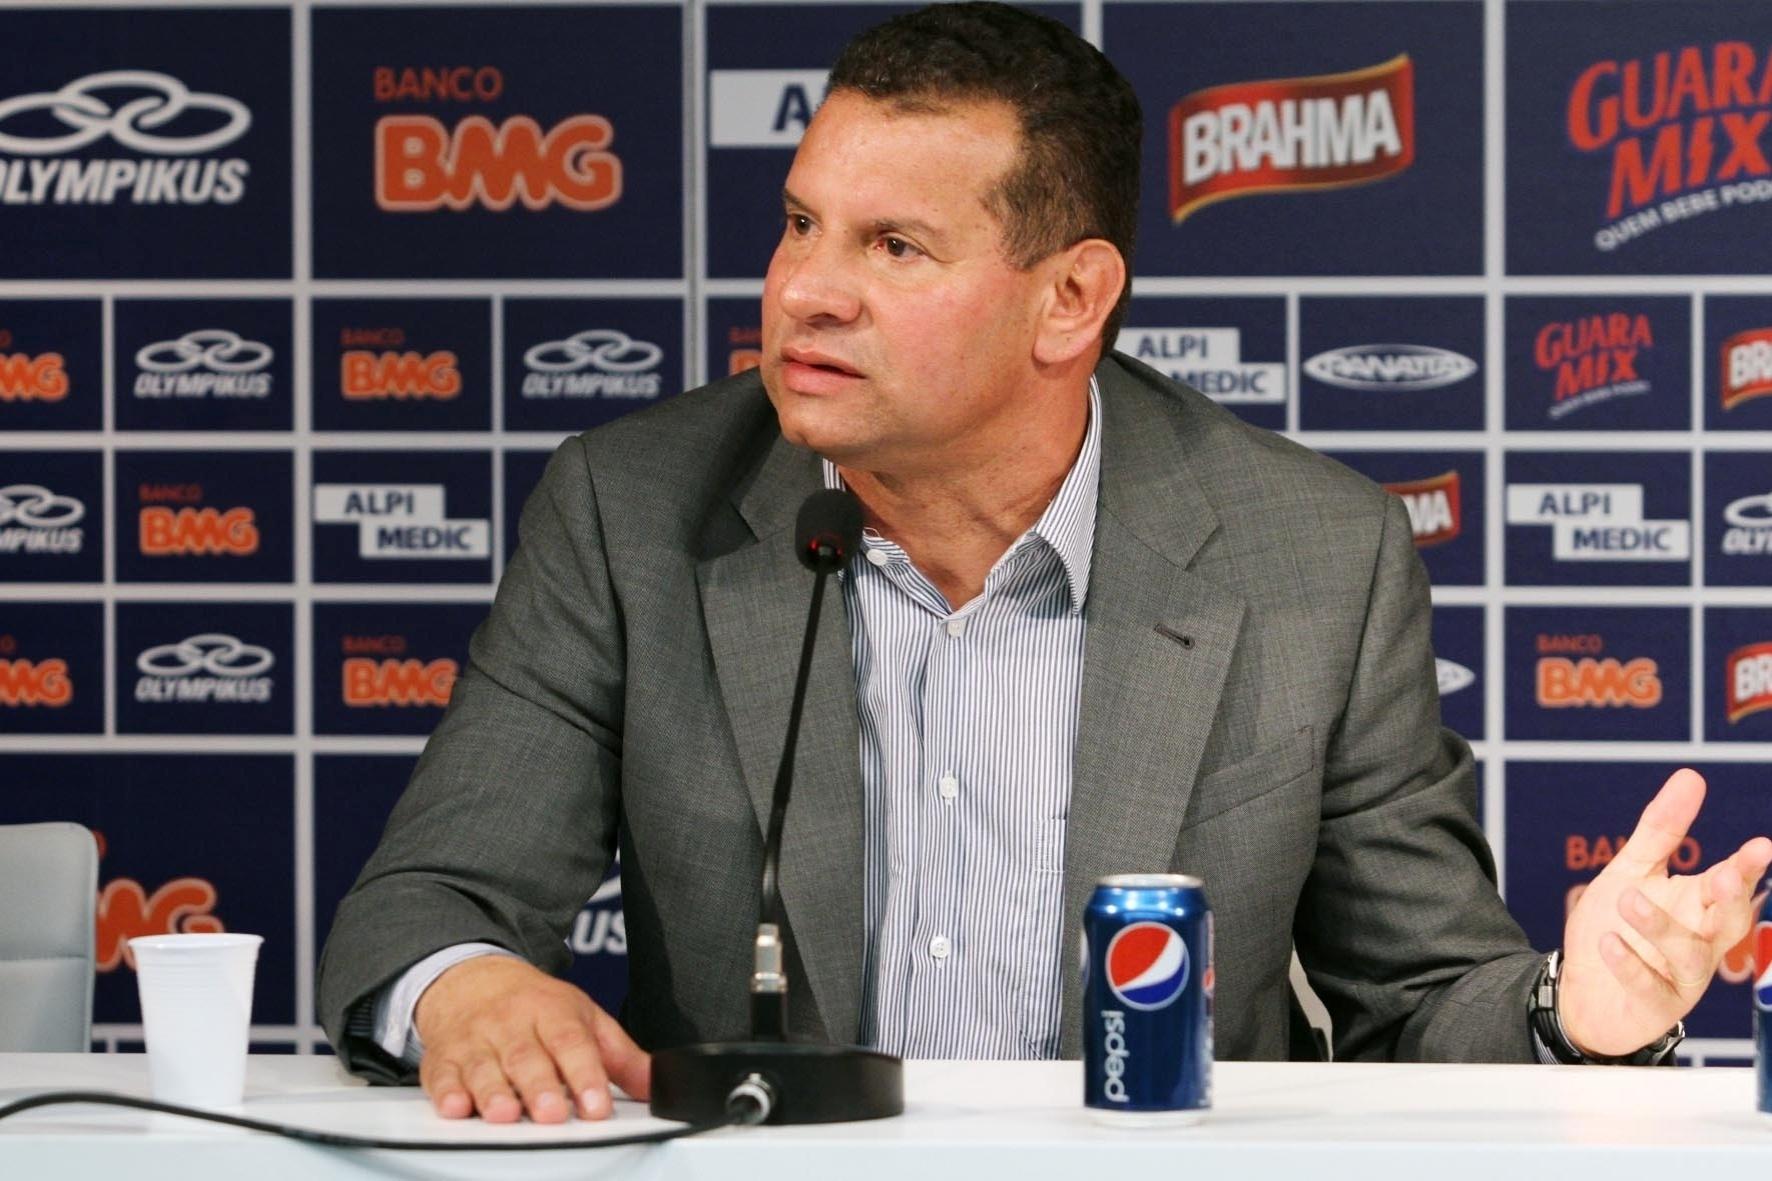 Essa será a segunda passagem do treinador por Minas Gerais. Celso Roth treinou o Atlético-MG em 2009.